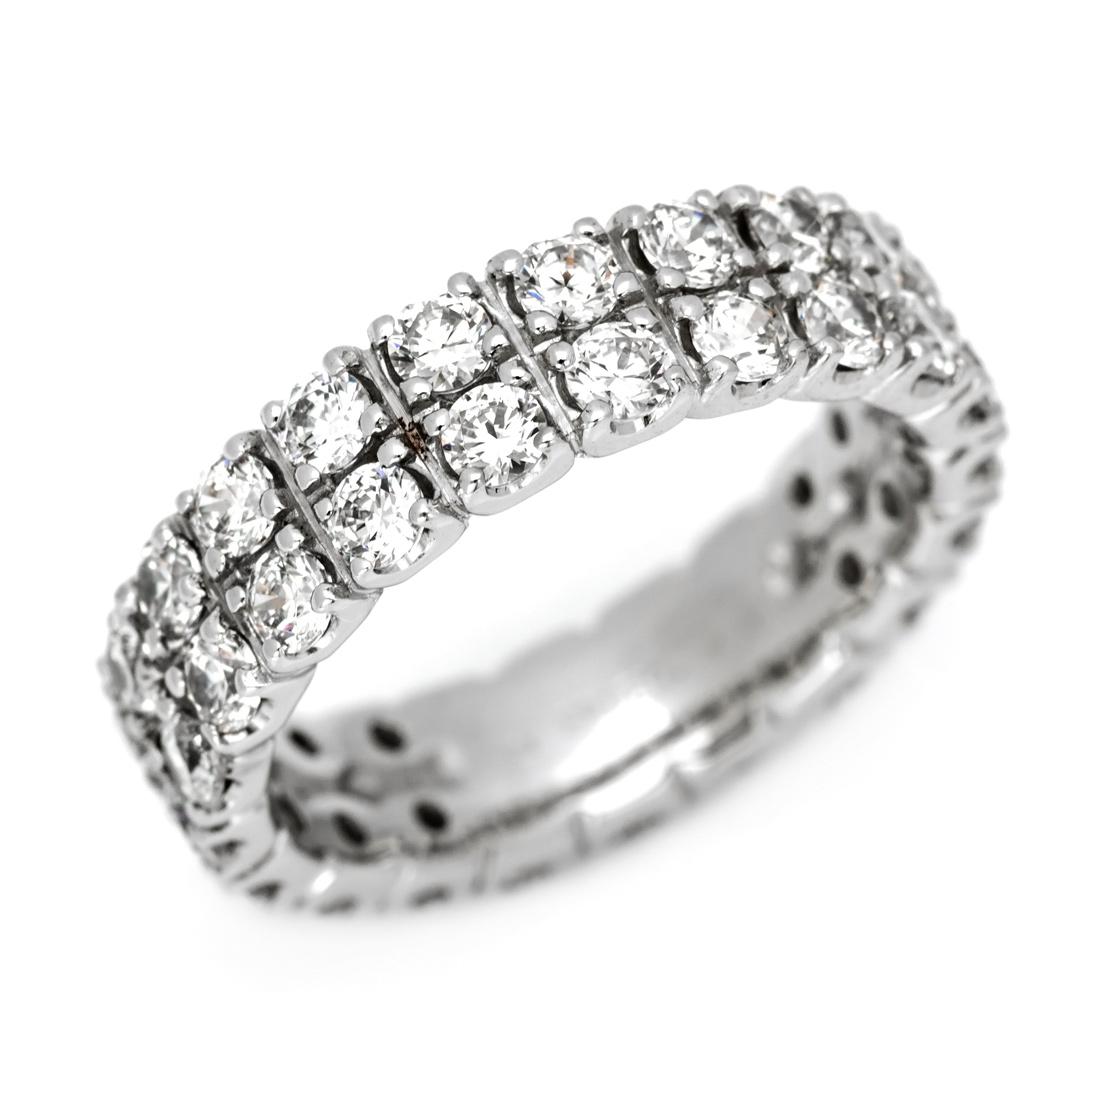 【GWクーポン配布中】フルエタニティーリング ダイヤモンド 2カラット プラチナ900 送料無料